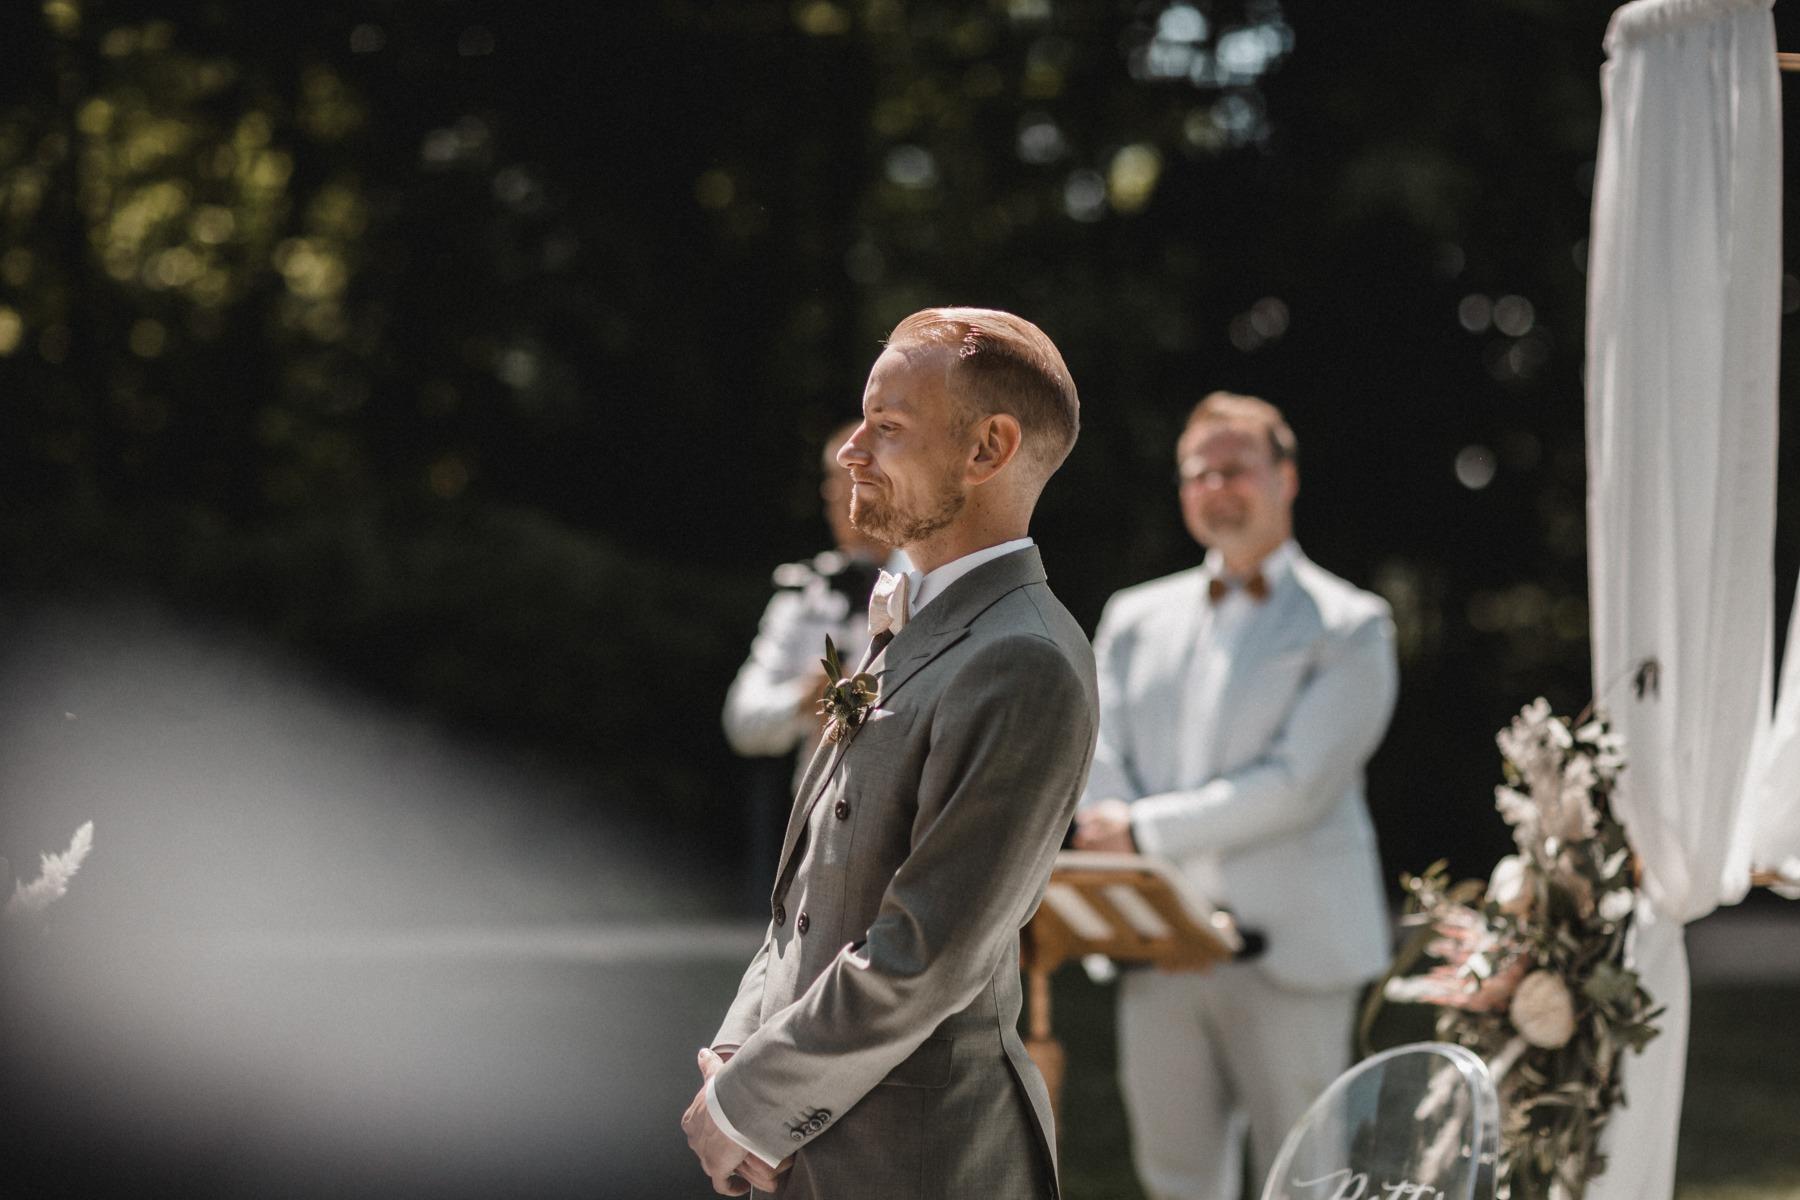 Der stolze Bräutigam beim Warten auf die Braut